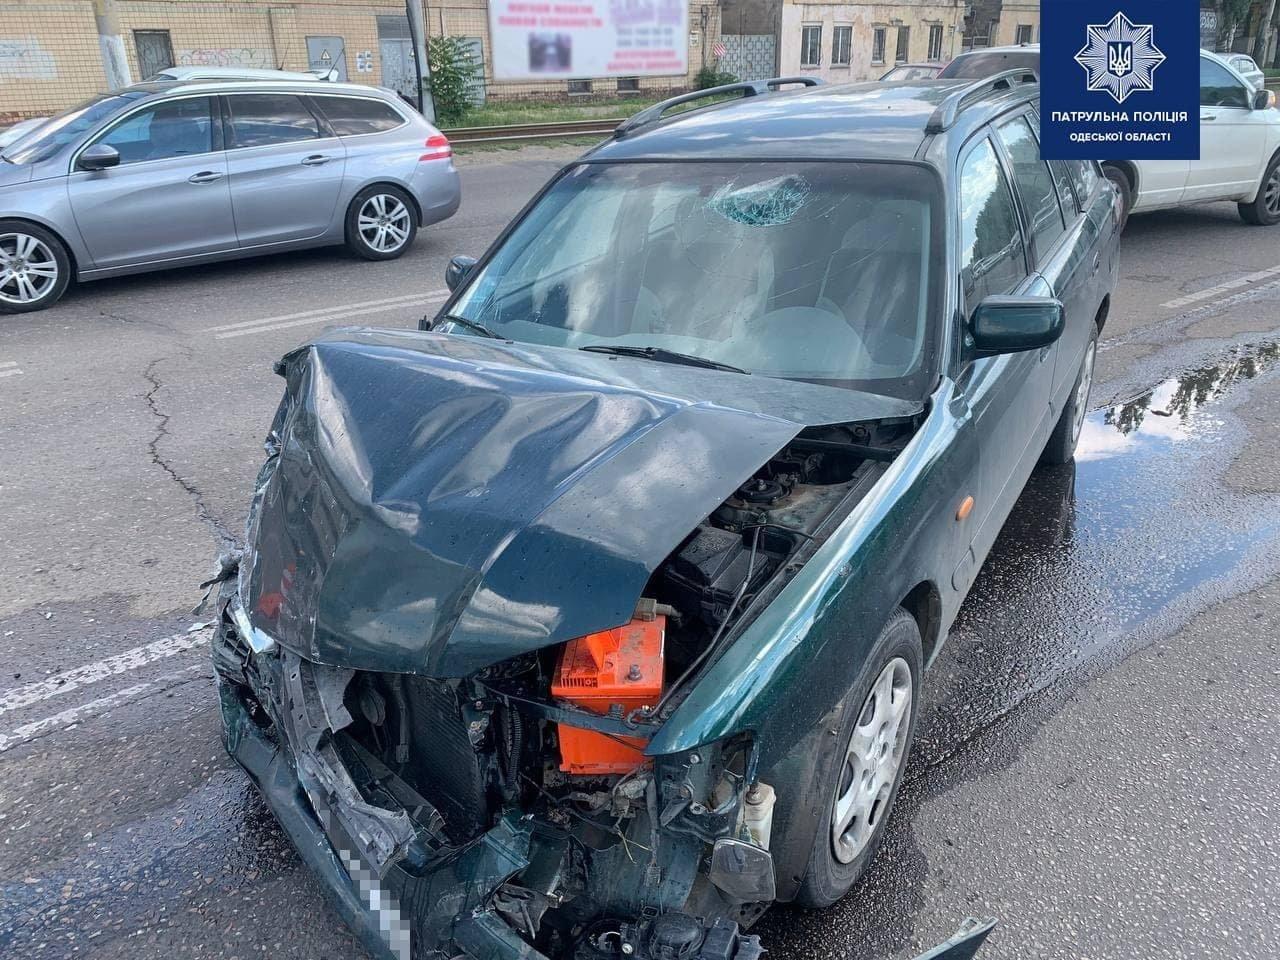 В Одессе столкнулись два автомобиля, есть пострадавший, - ФОТО, фото-2